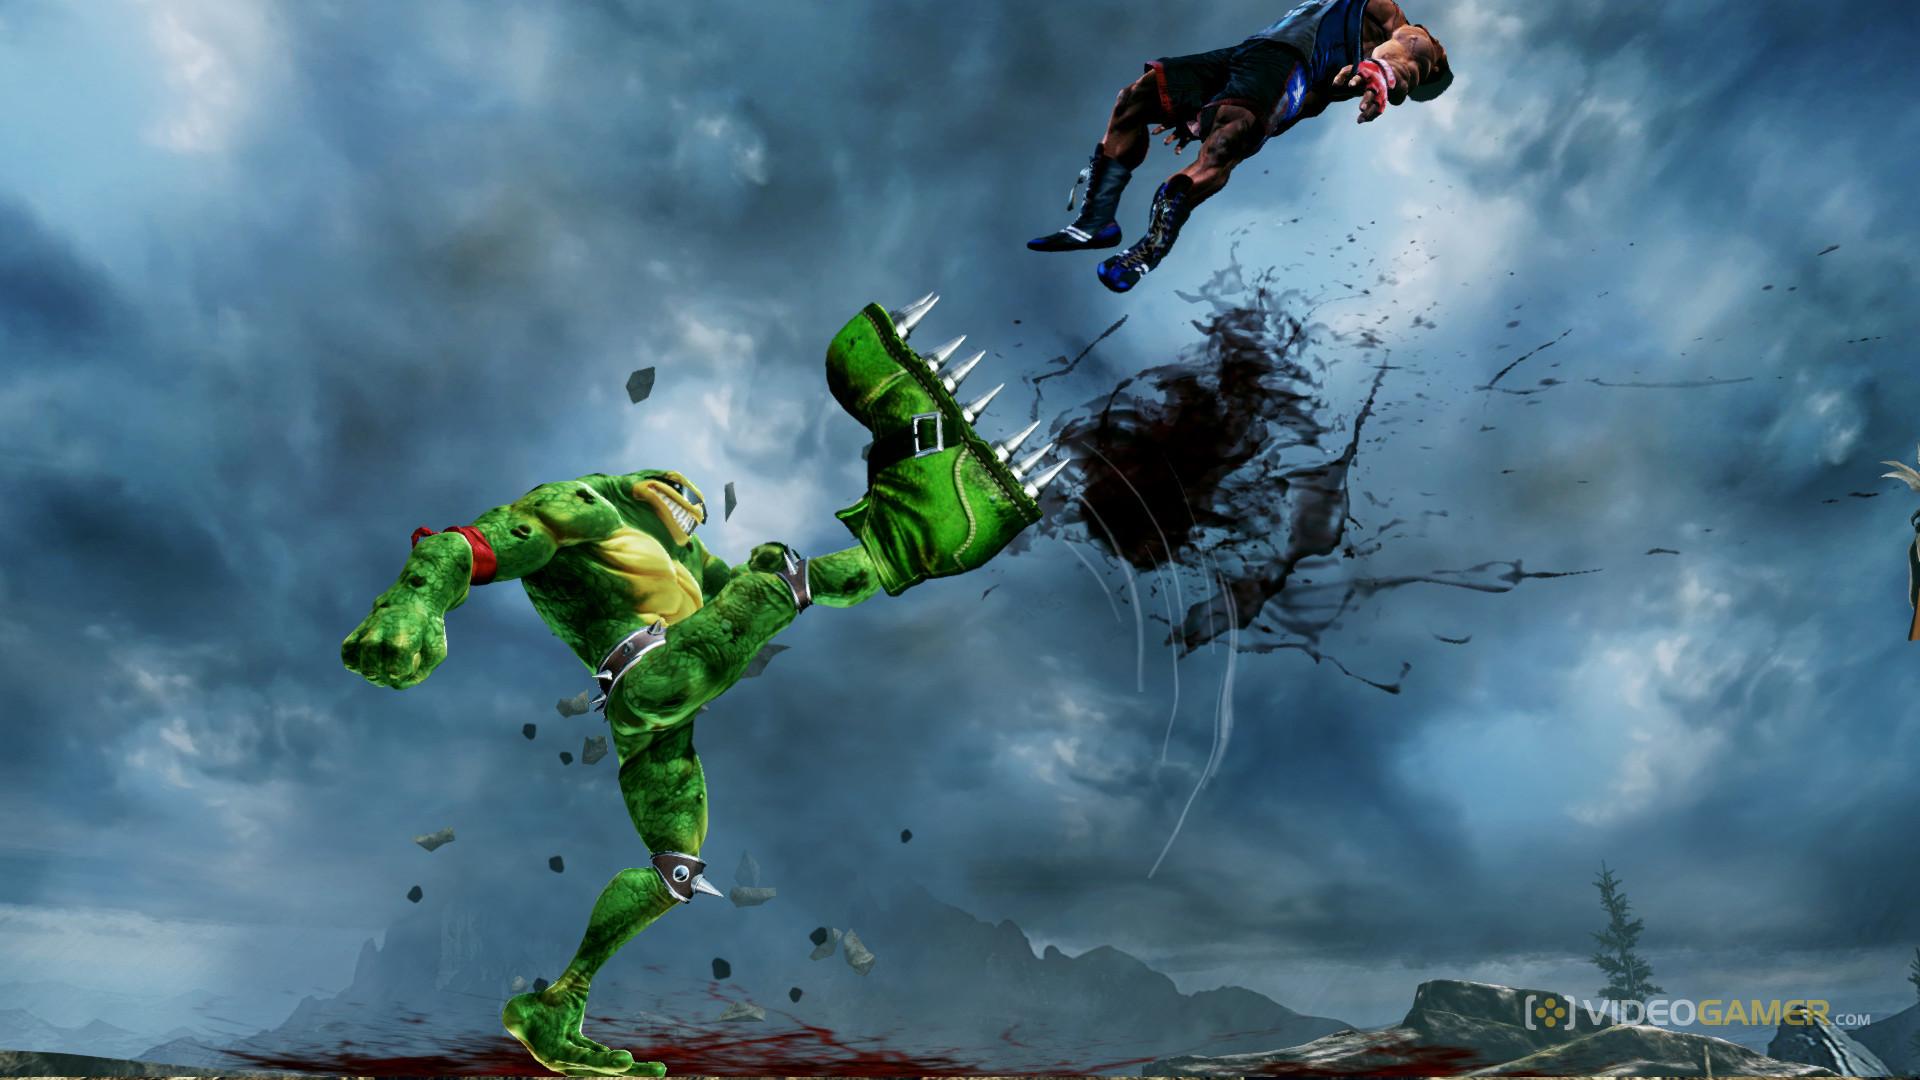 《杀手学堂》第三季新角色战斗蛙新截图